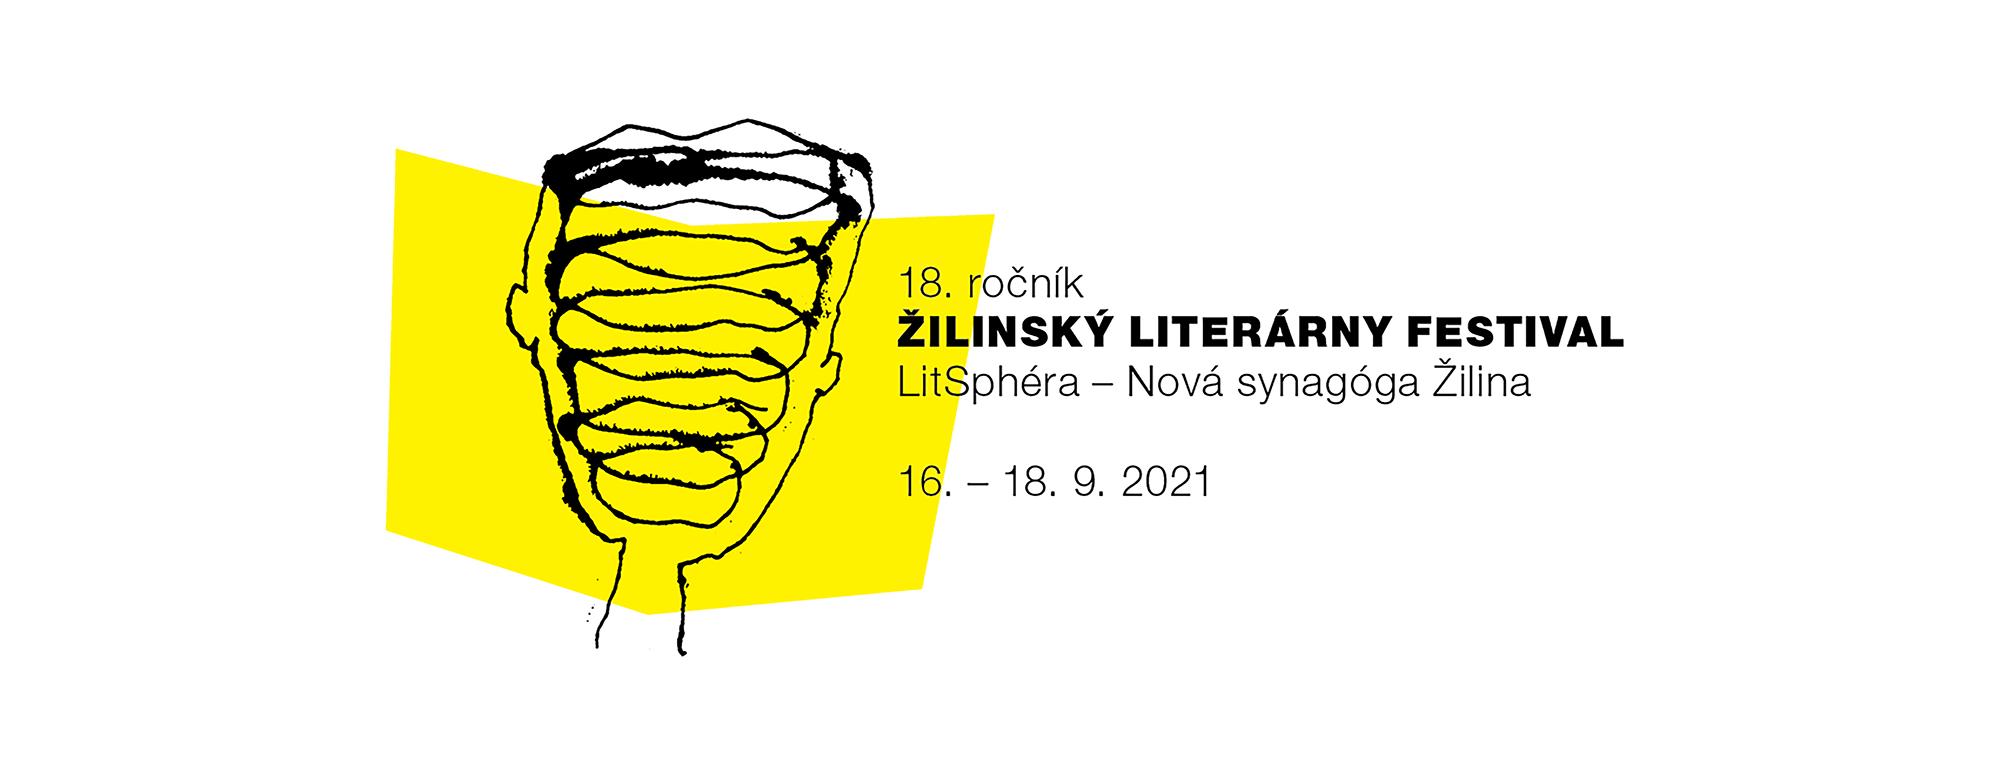 Žilinský literárny festival 18/9/2021